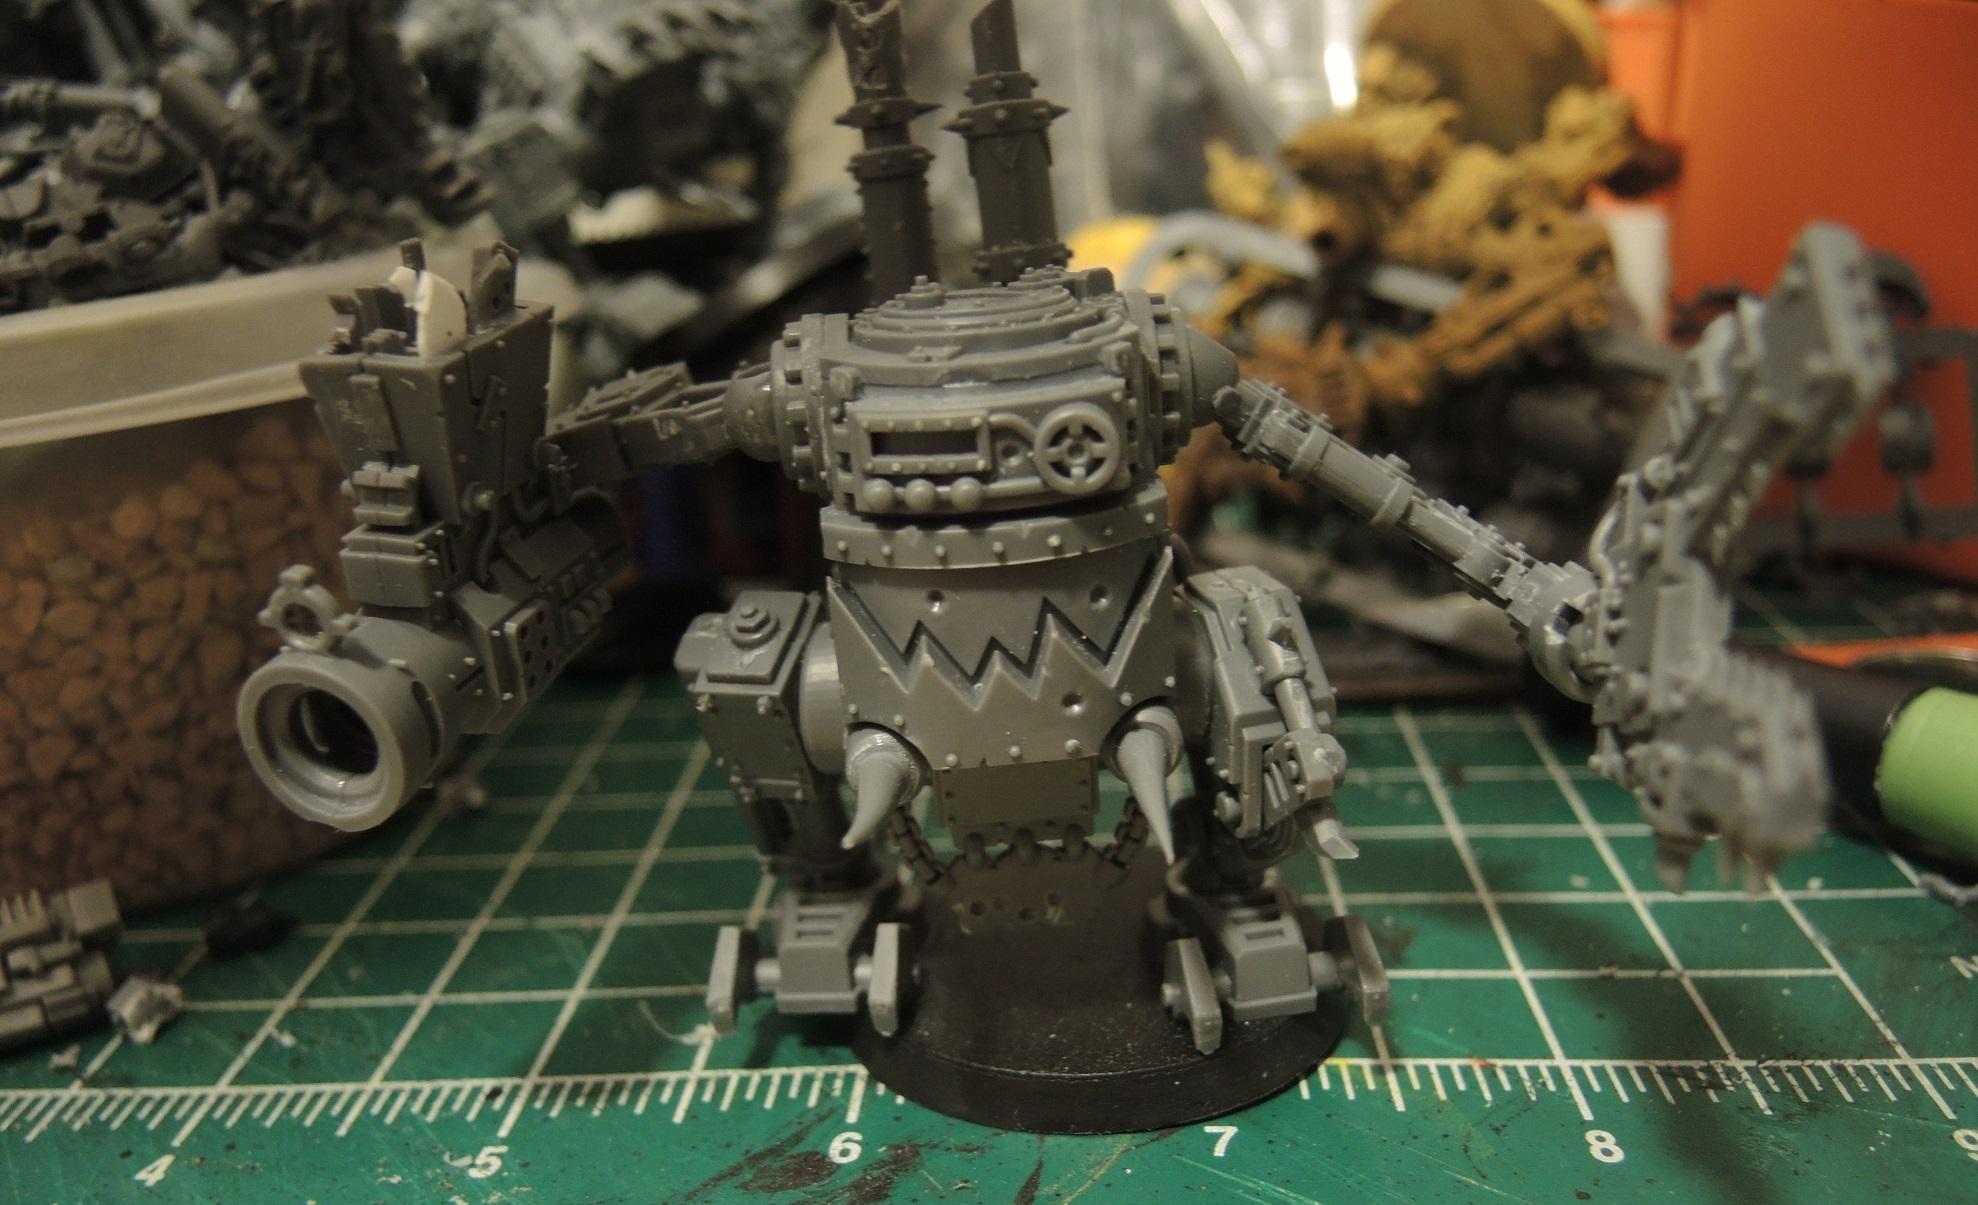 Grotzooka, Orks, Waaazag, Warhammer 40,000